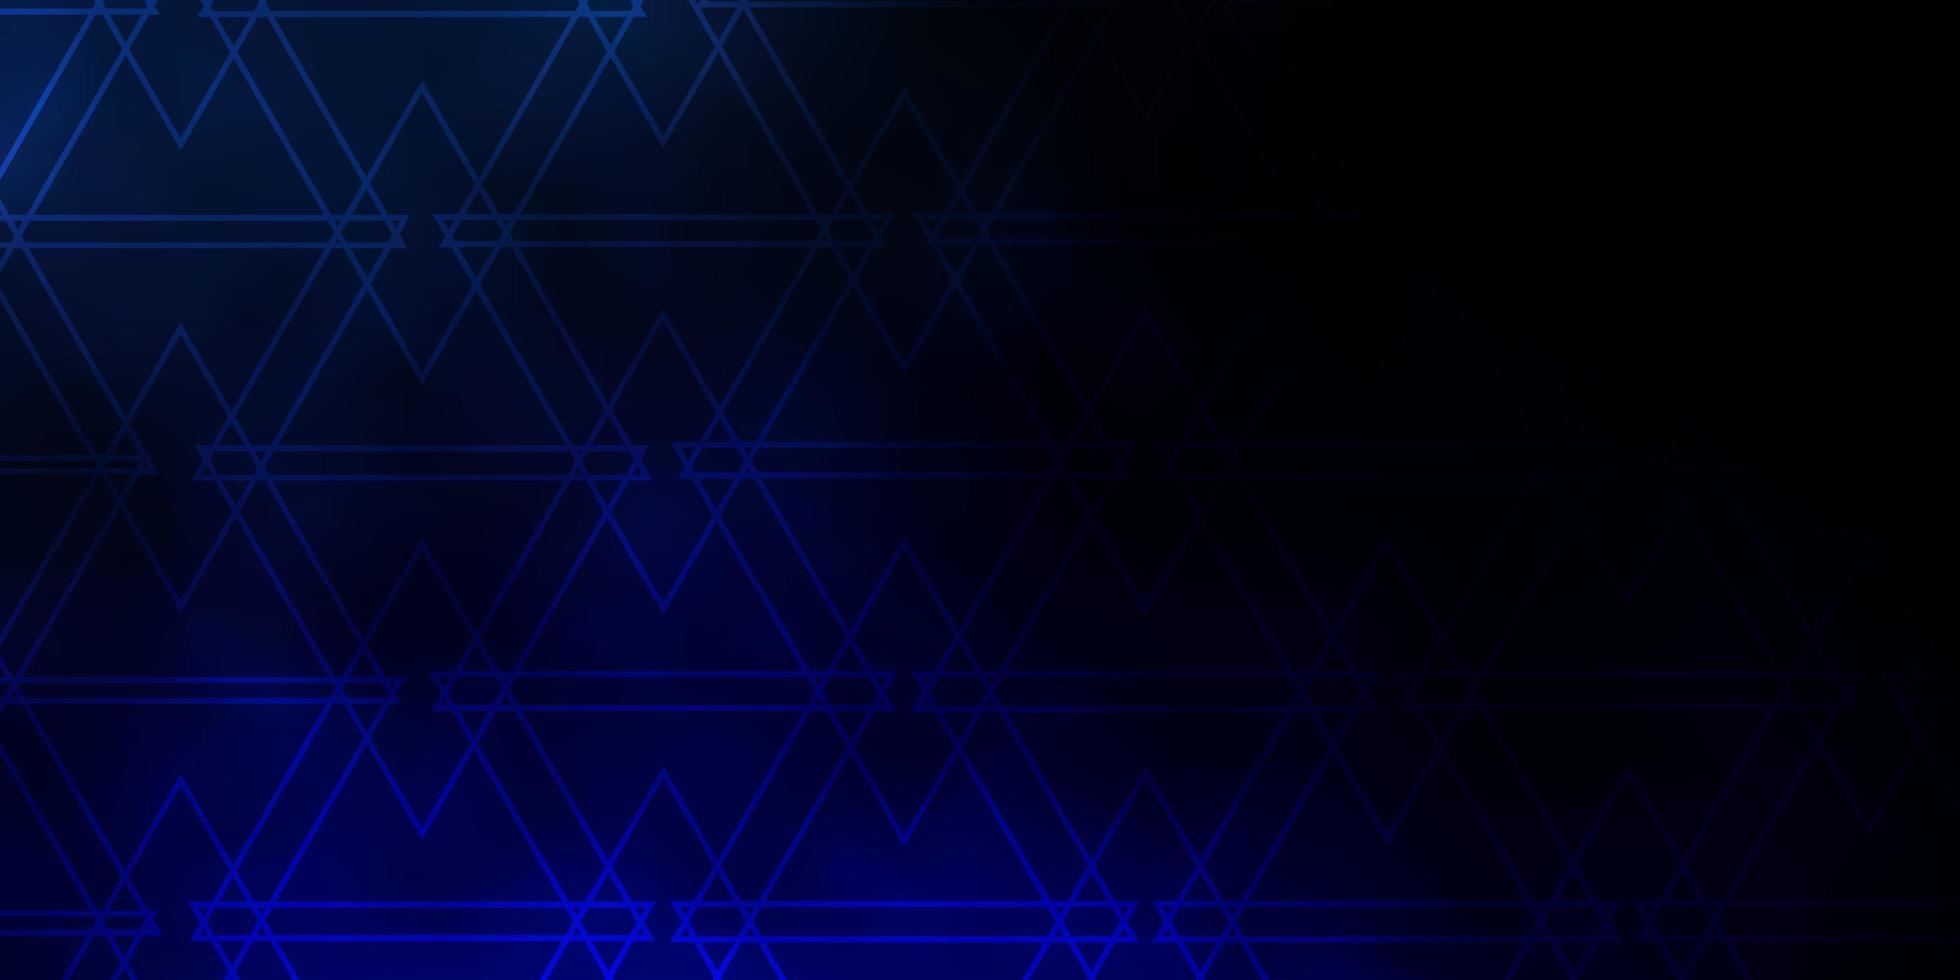 dunkelblaues Layout mit Linien, Dreiecken. vektor